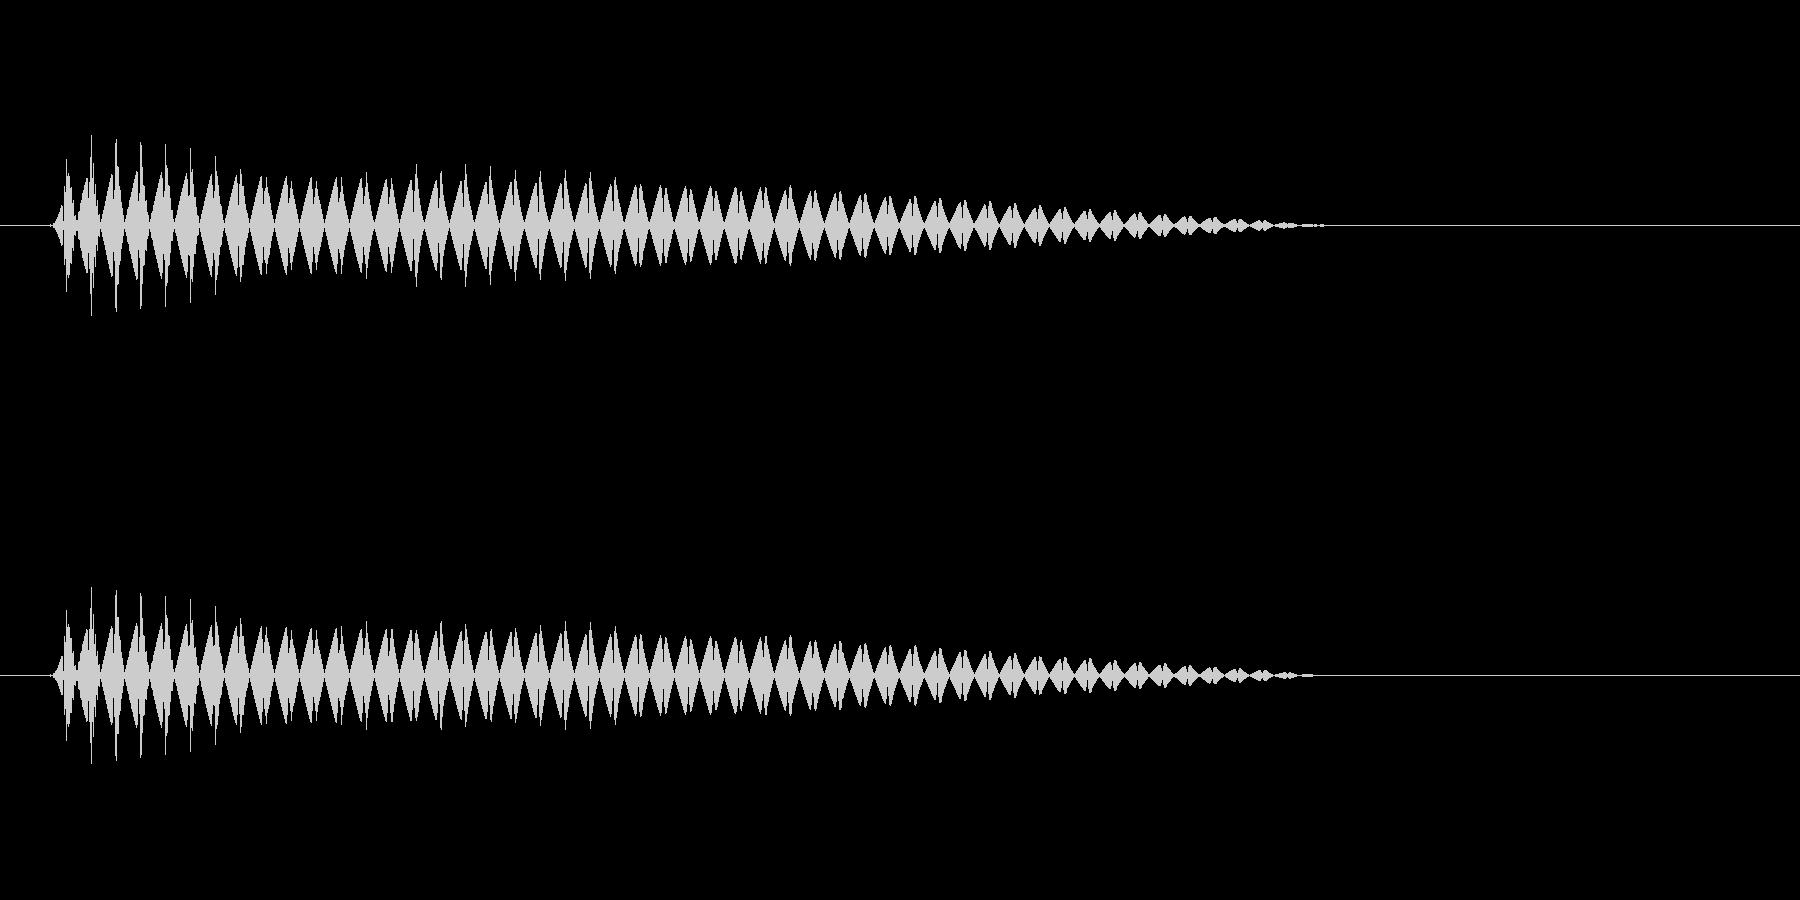 プォン(はっきりしない不思議な音色)の未再生の波形